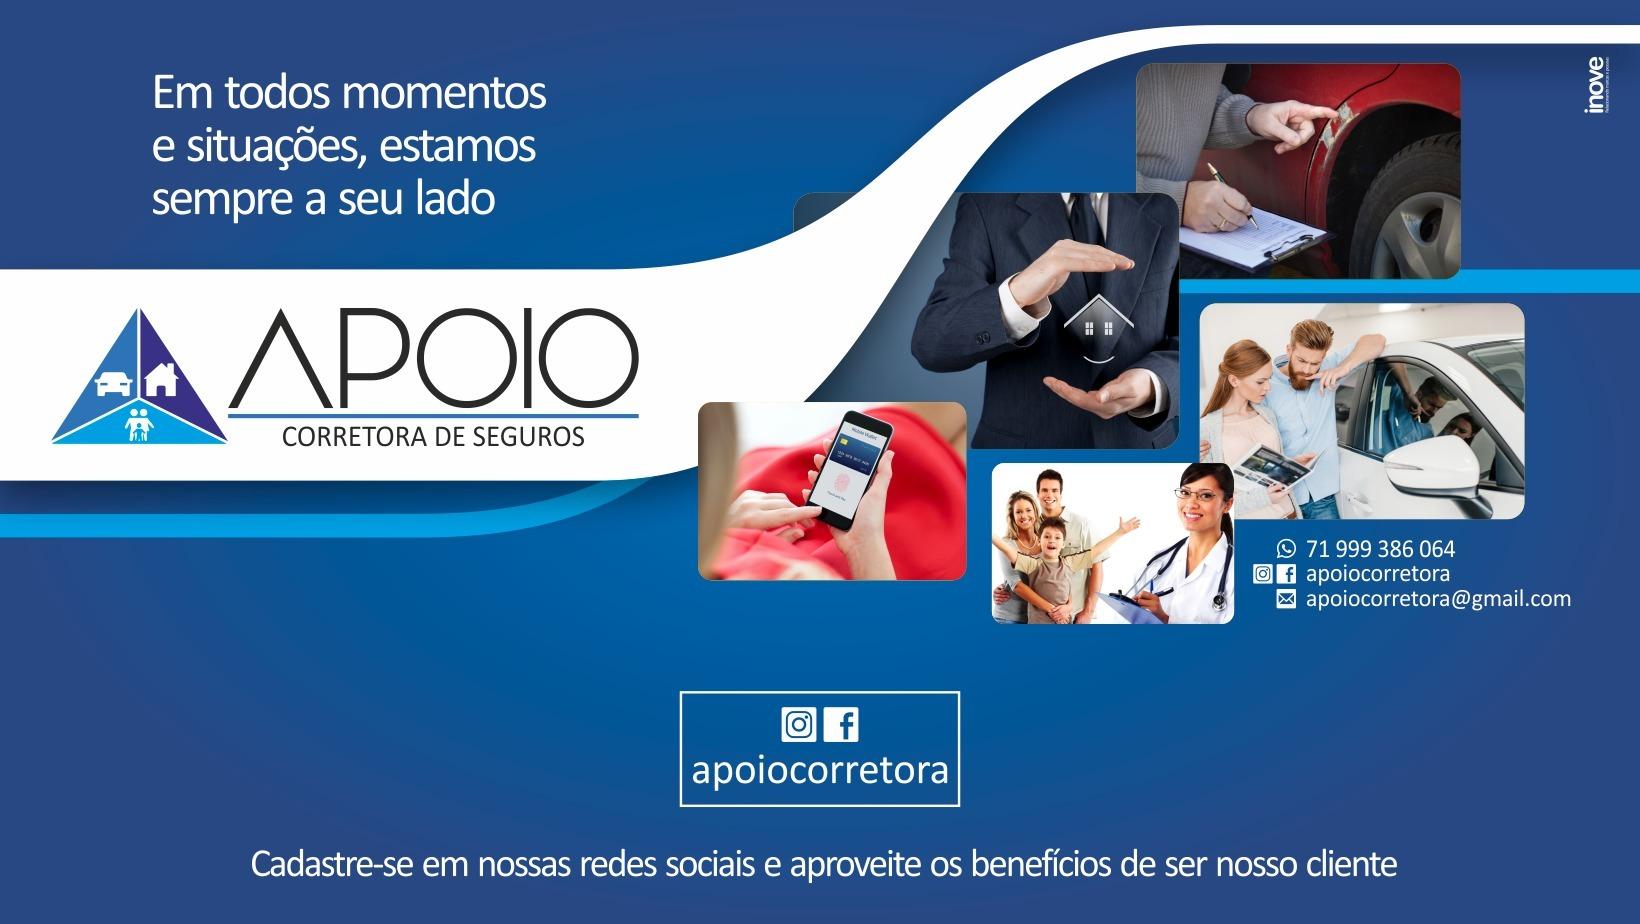 Apoio Corretora Seguros (@foredant) Cover Image